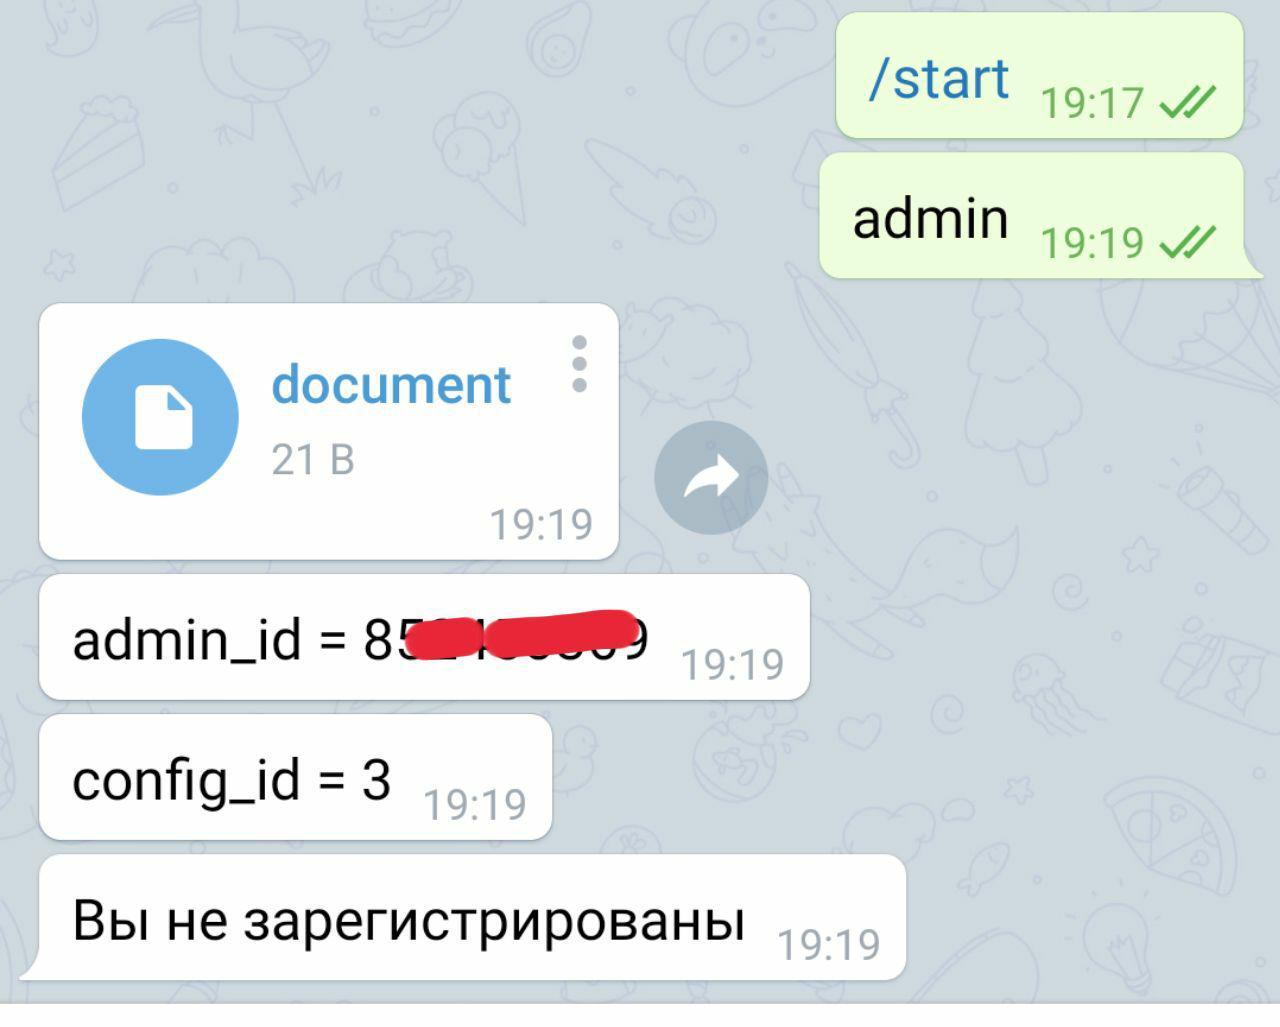 Telegram в качестве хранилища данных для IT проектов - 3